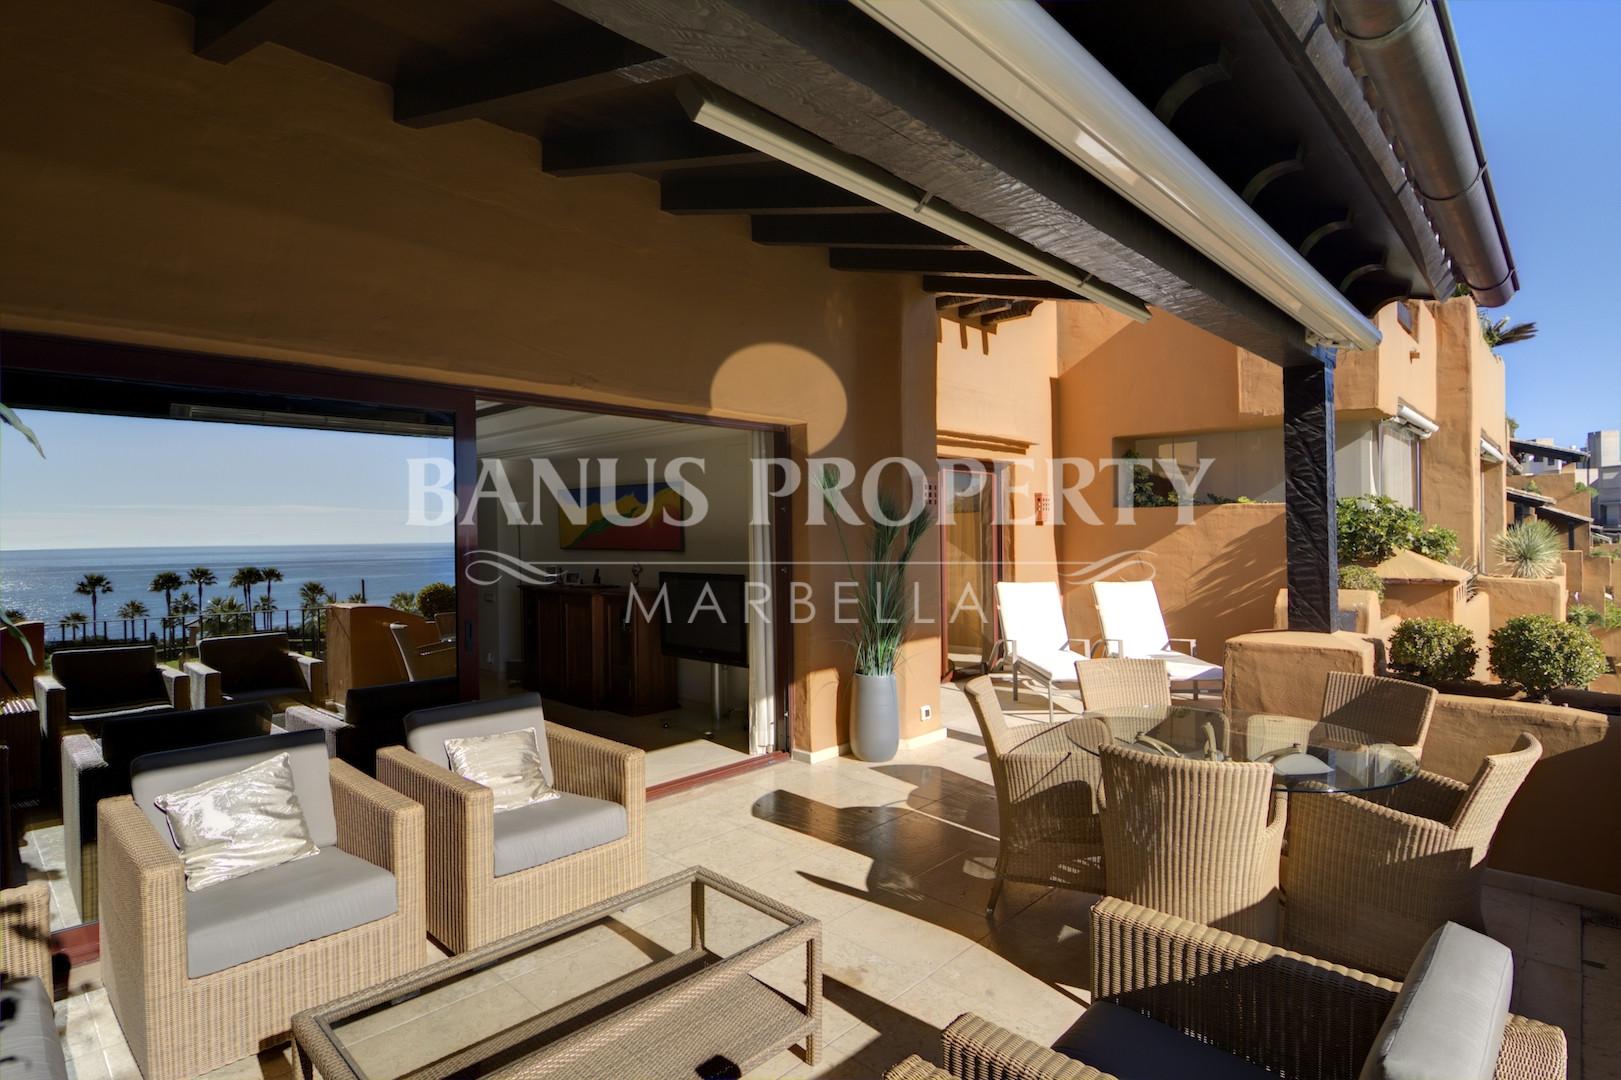 3 bed beach apartment with stunning sea views for sale in Los Granados del Mar, Estepona